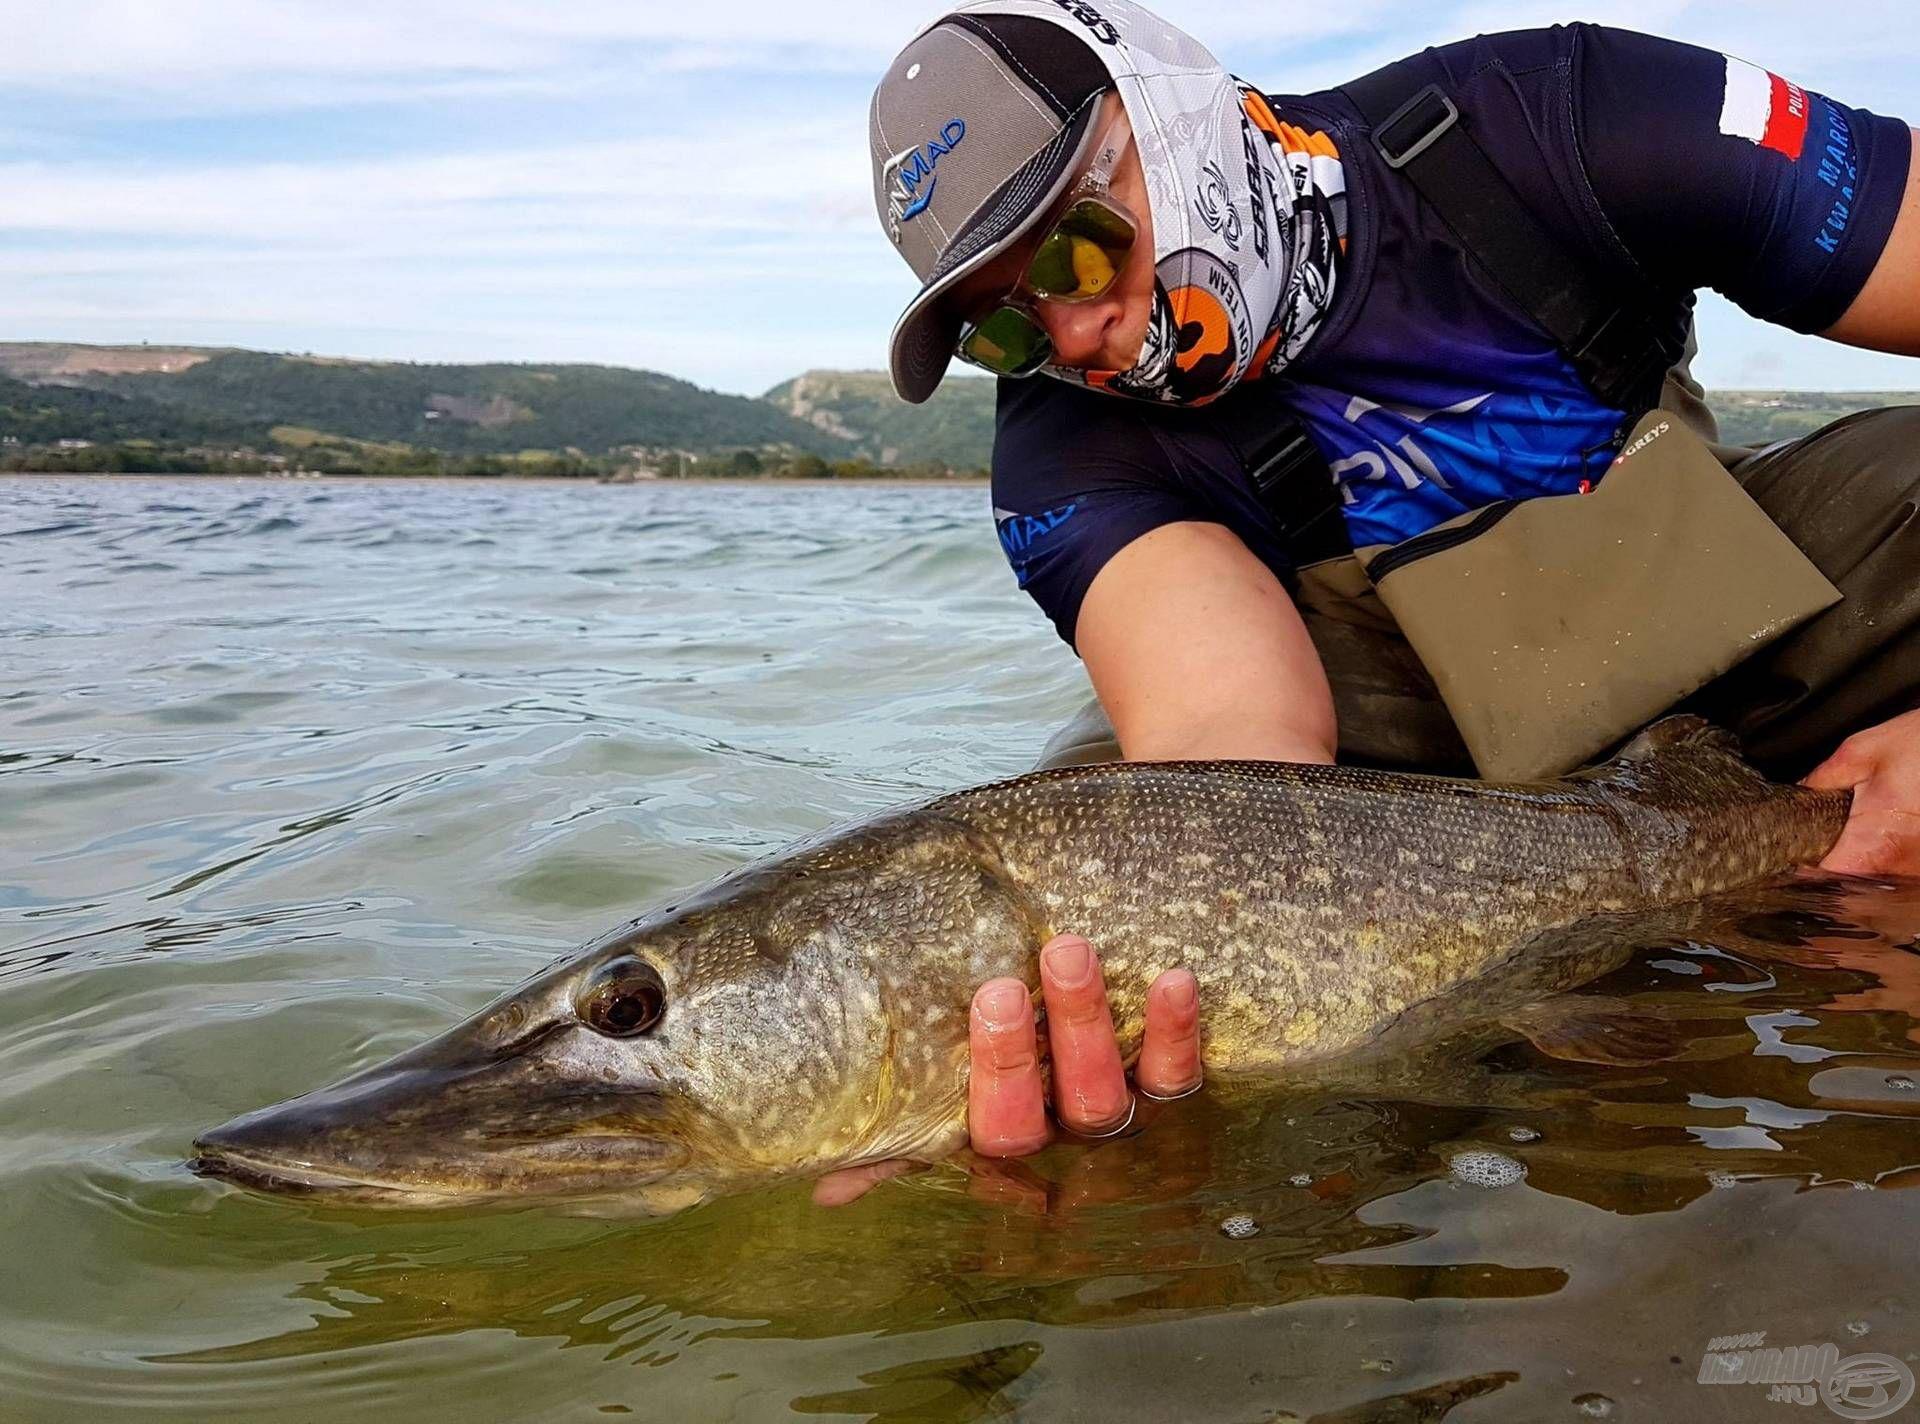 Szakértelmük kellő elhivatottsággal és a halak tiszteletével párosul